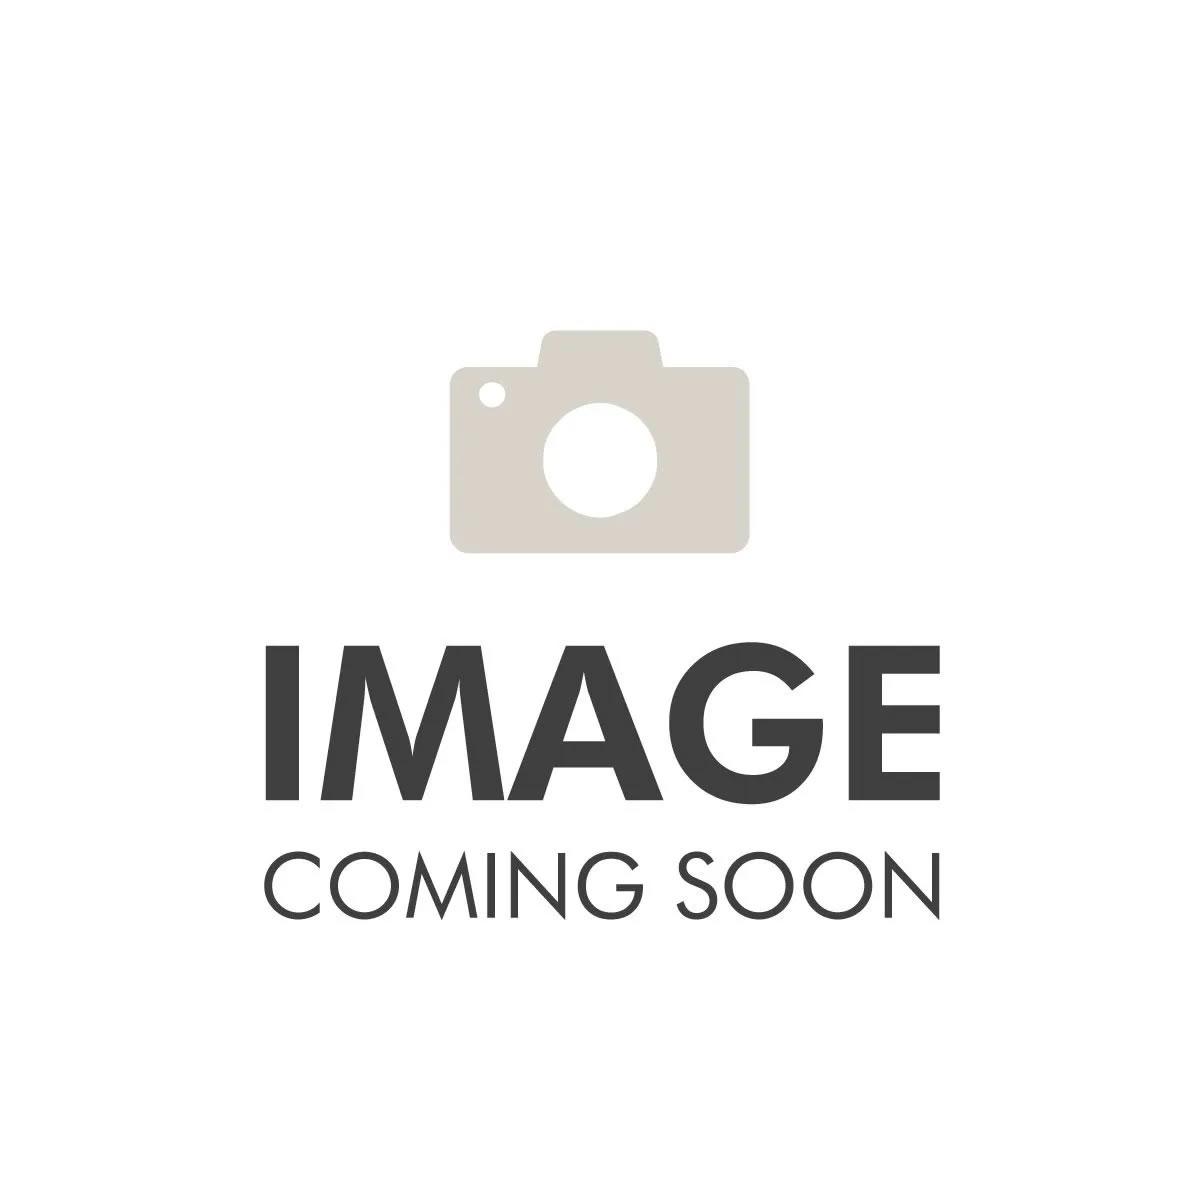 Distributor Sensor; 78-86 Jeep CJ Models